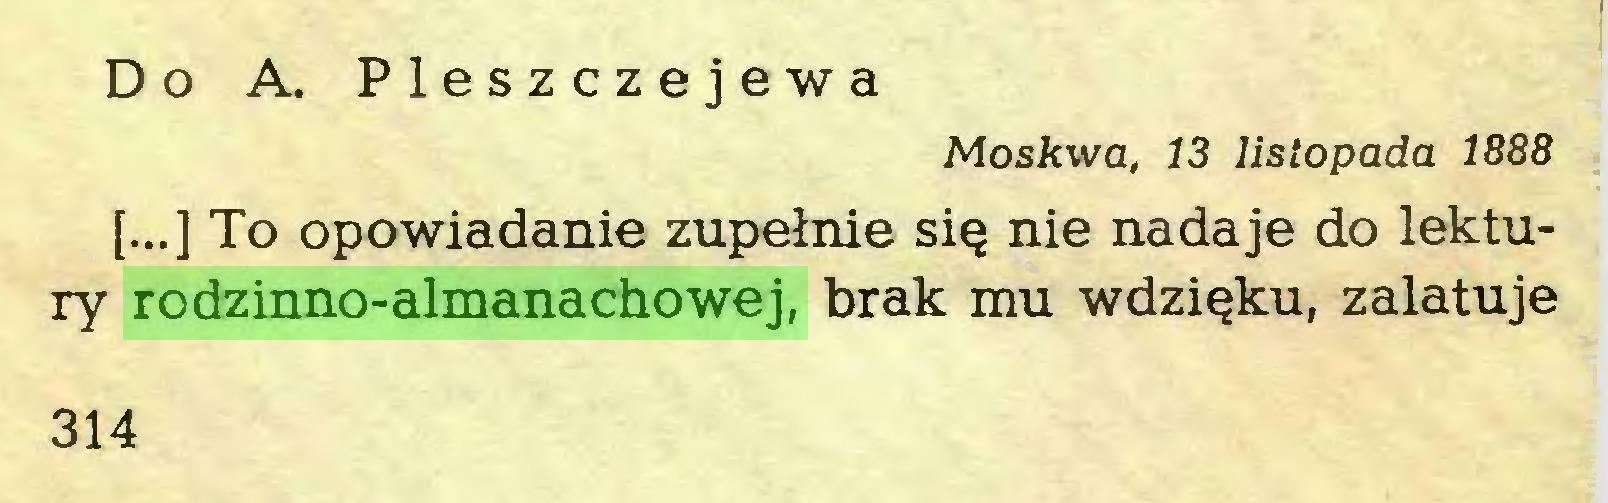 (...) Do A. Pleszczejewa Moskwa, 13 listopada 1888 [...] To opowiadanie zupełnie się nie nadaje do lektury rodzinno-almanachowej, brak mu wdzięku, zalatuje 314...